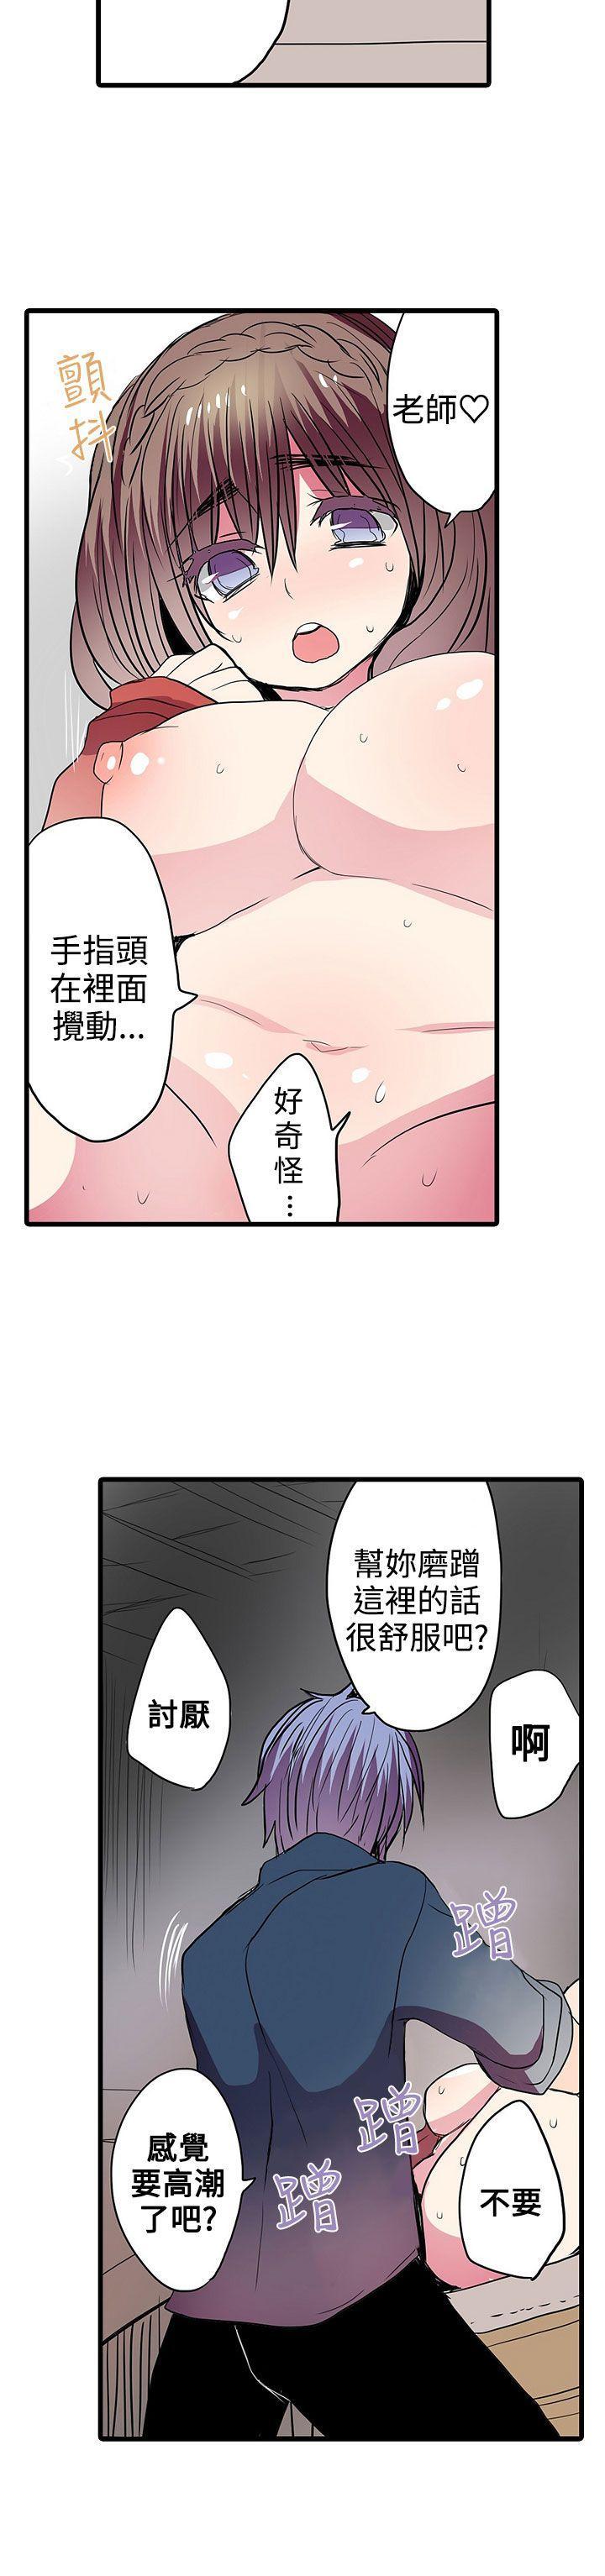 凌辱贩卖机-第25话全彩韩漫标签